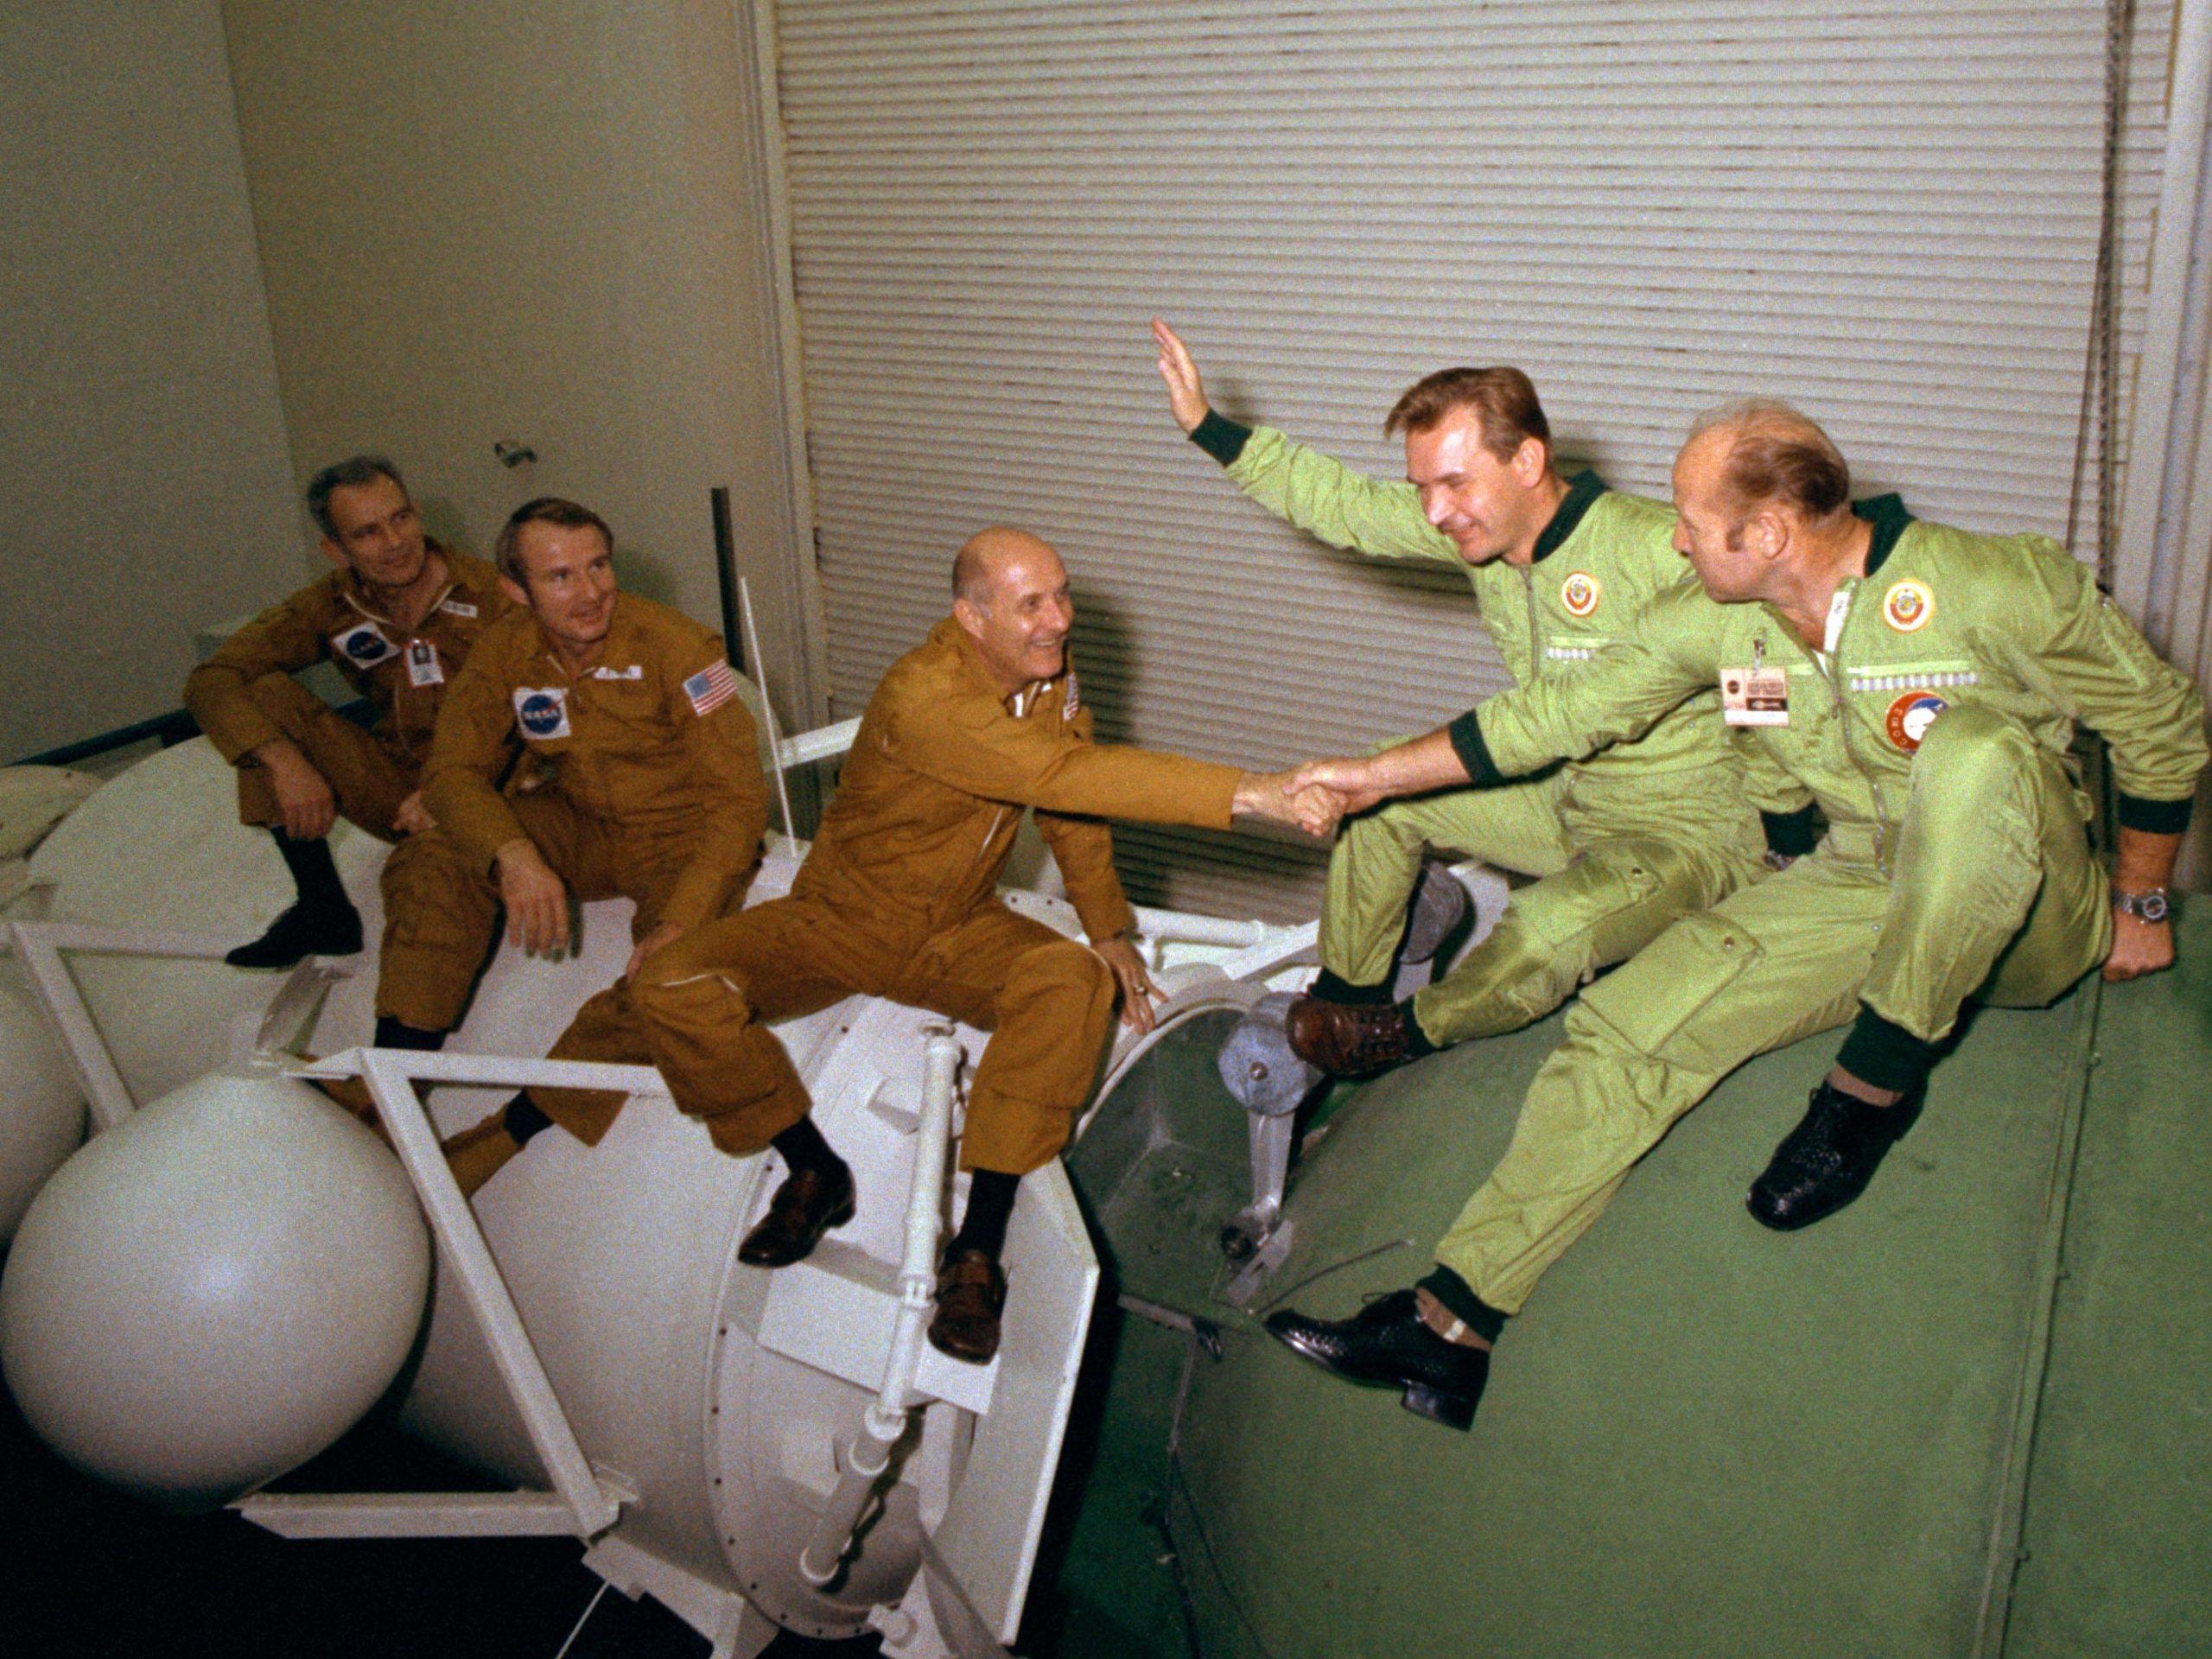 Las dos tripulaciones bromeando encima de las naves de entrenamiento